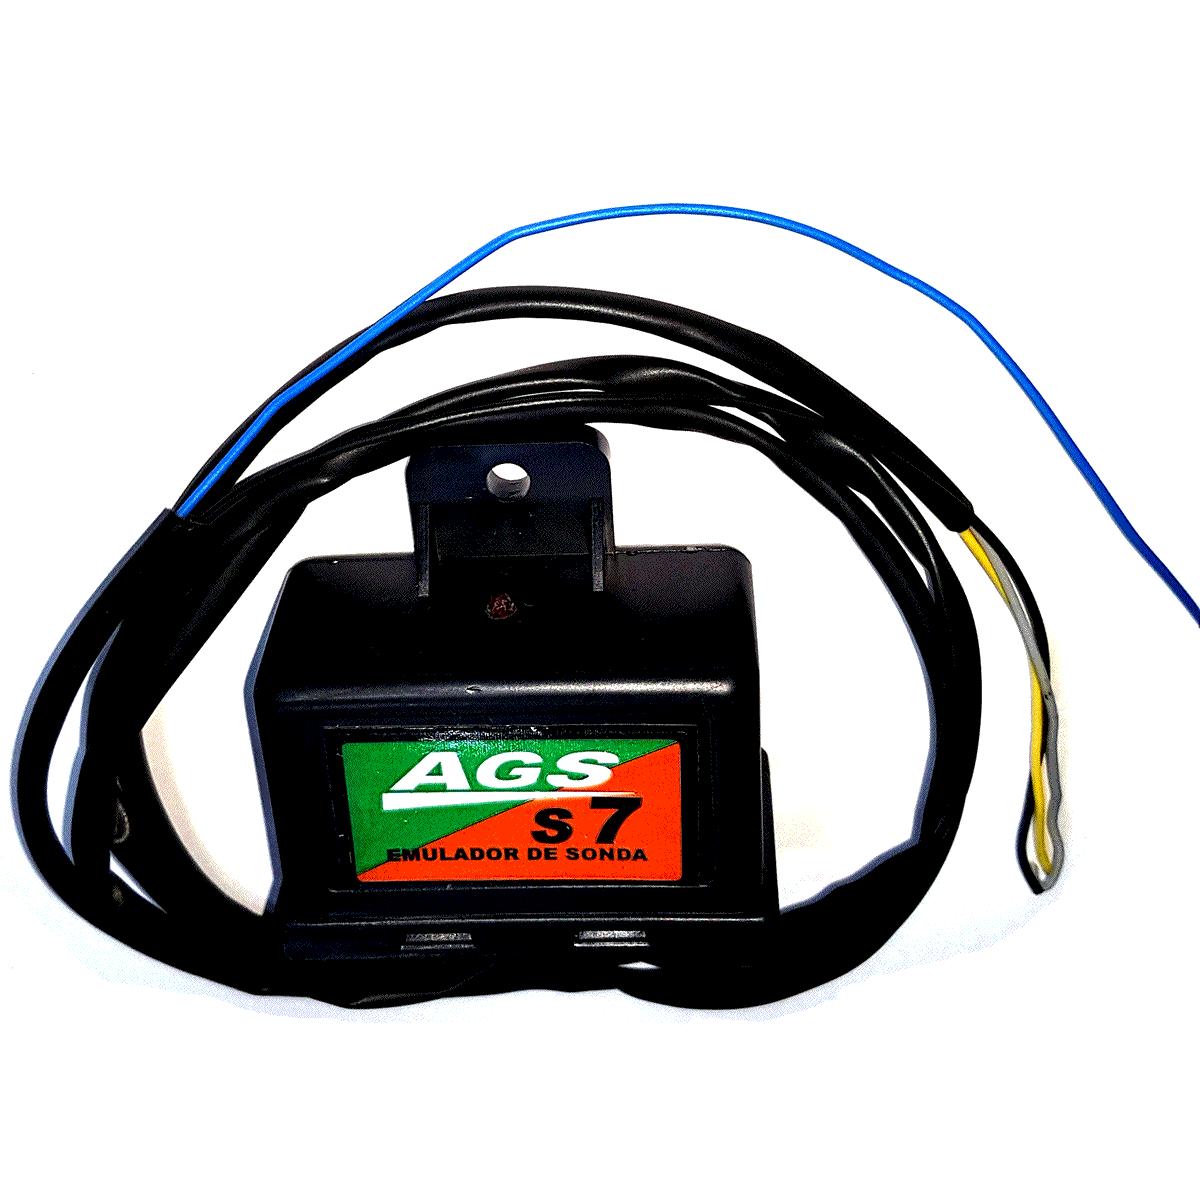 Simulador de Sonda Lambda AGS S7 GAS